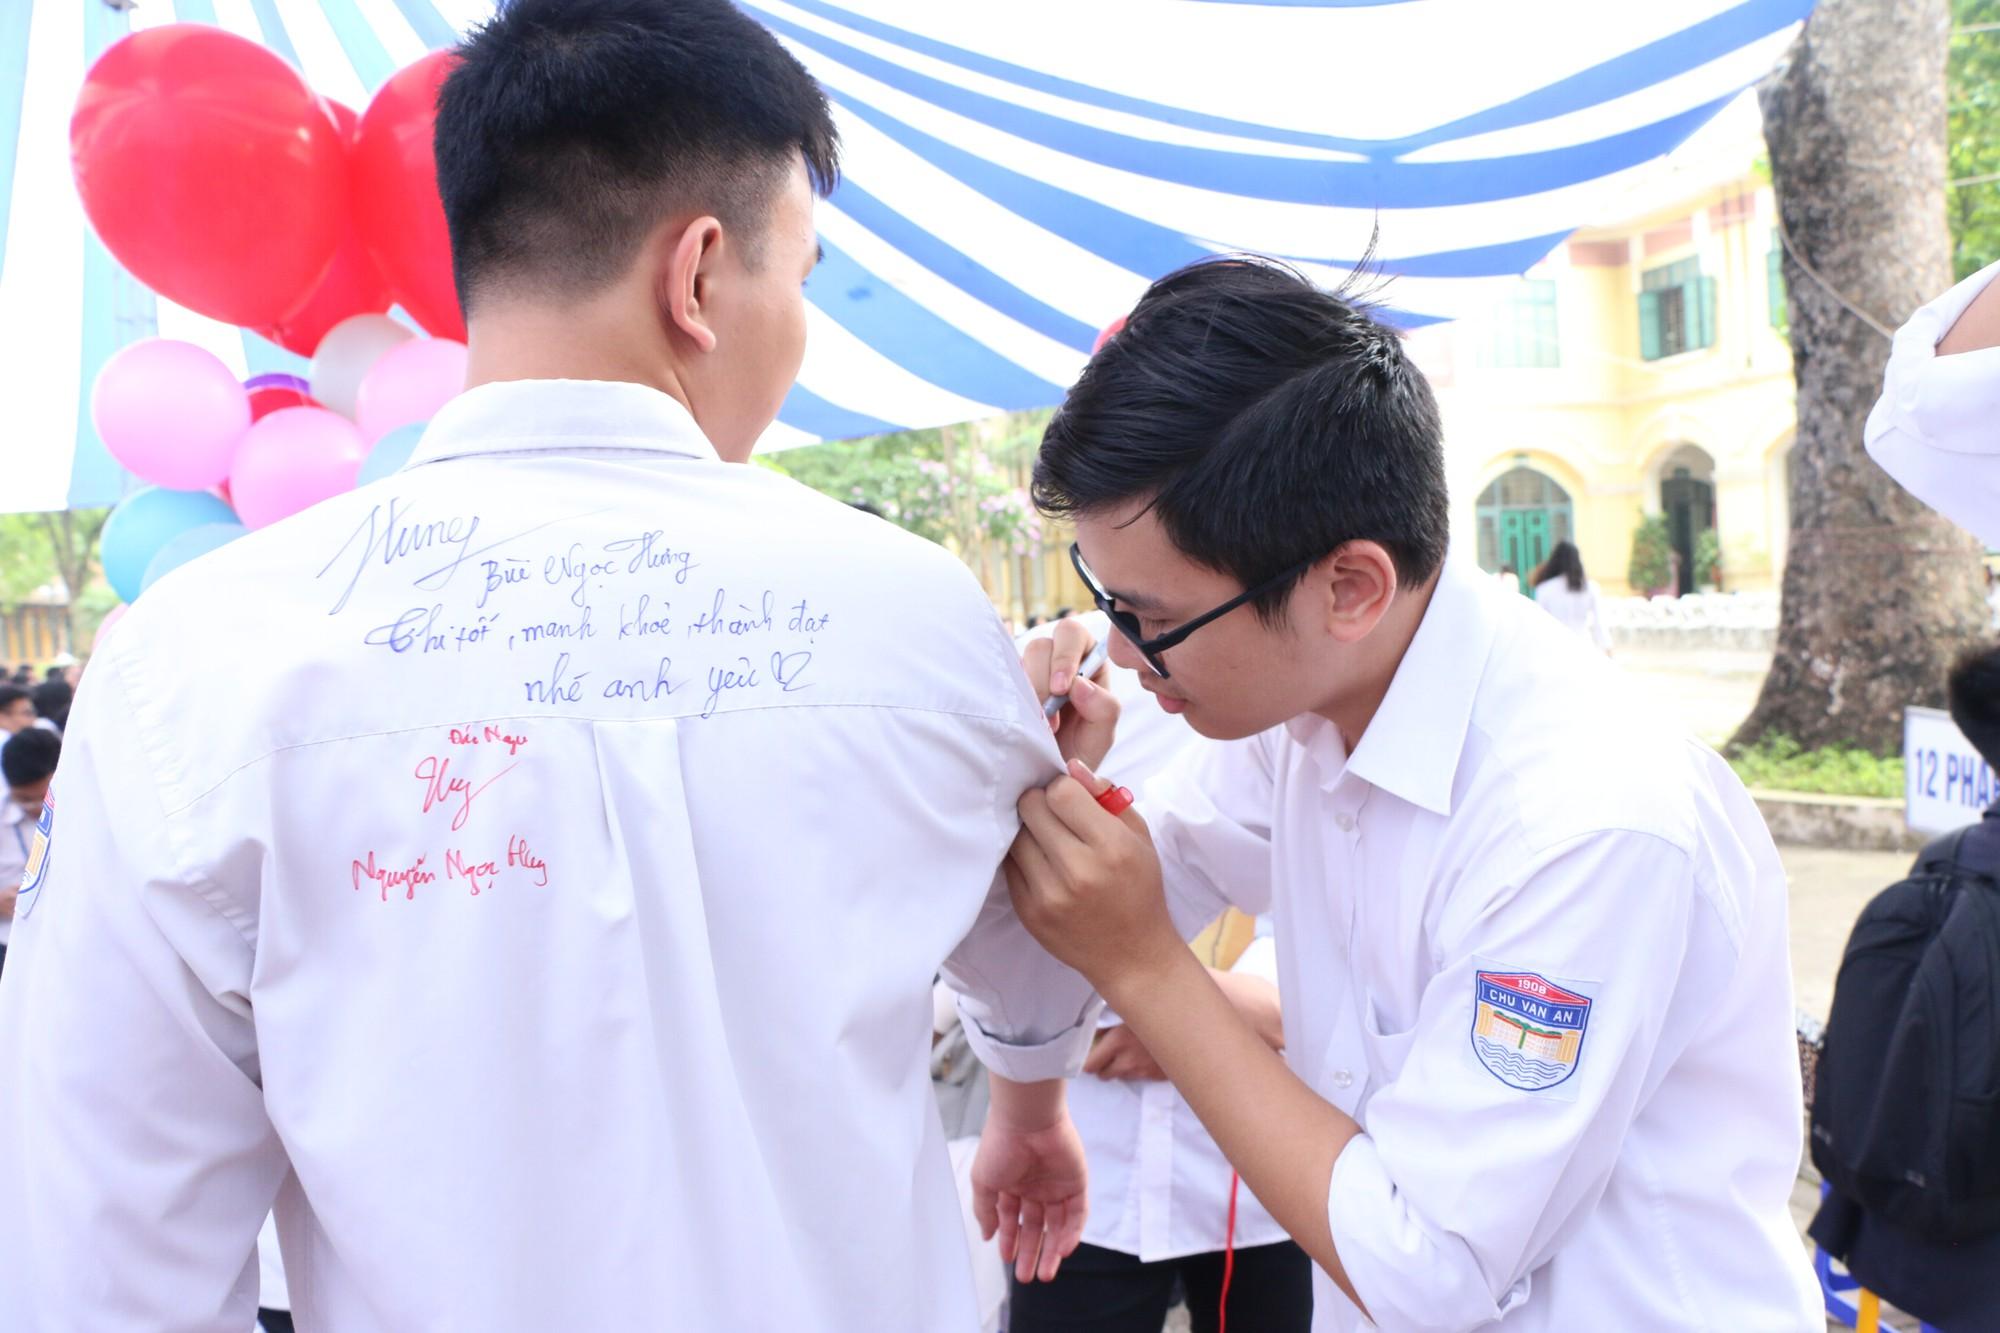 Ngắm nữ sinh Trường Chu Văn An duyên dáng, đẹp tinh khôi trong ngày bế giảng - Ảnh 2.